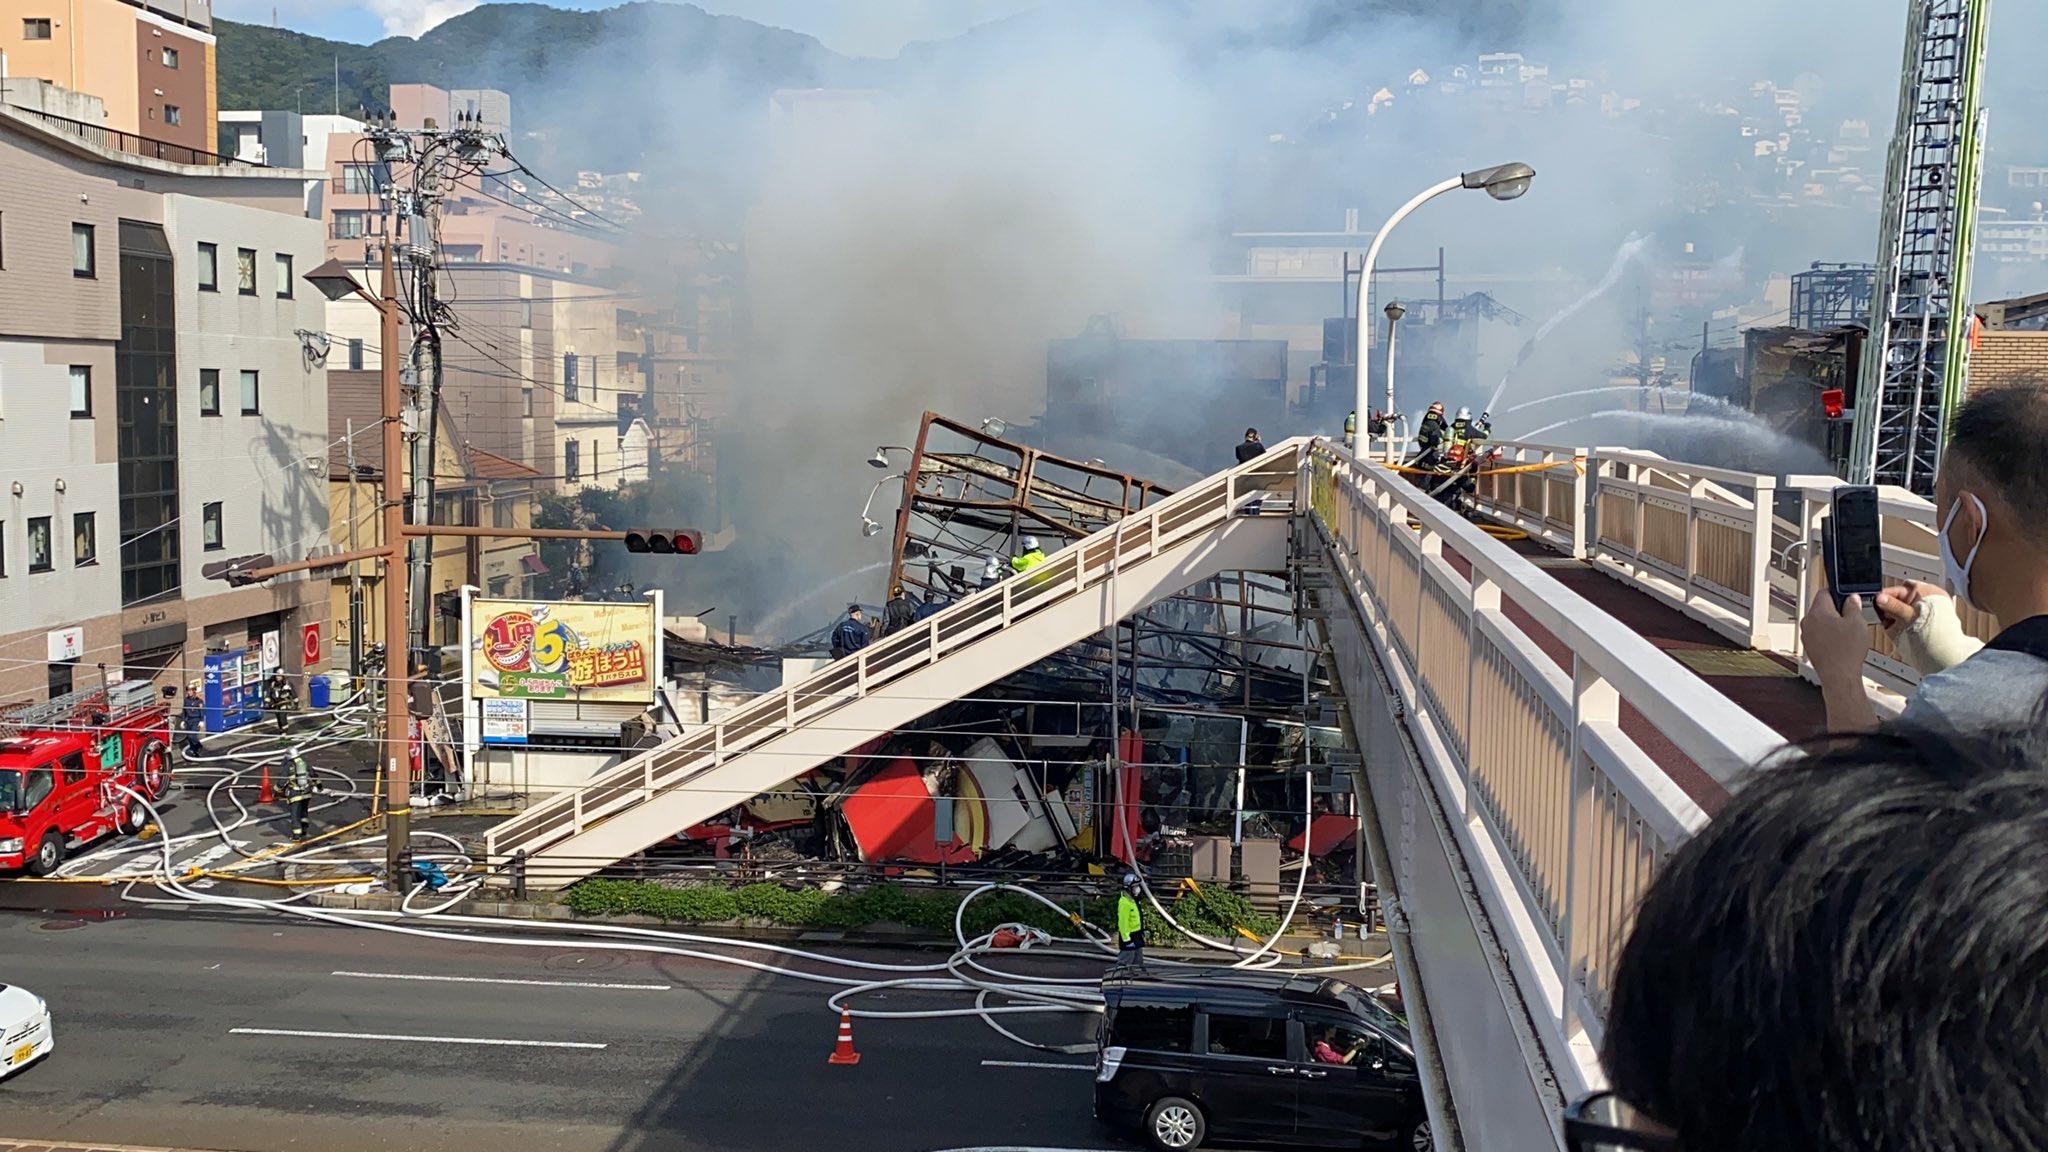 画像,火事って全部持っていくということがよくわかる https://t.co/699hvyyisl。